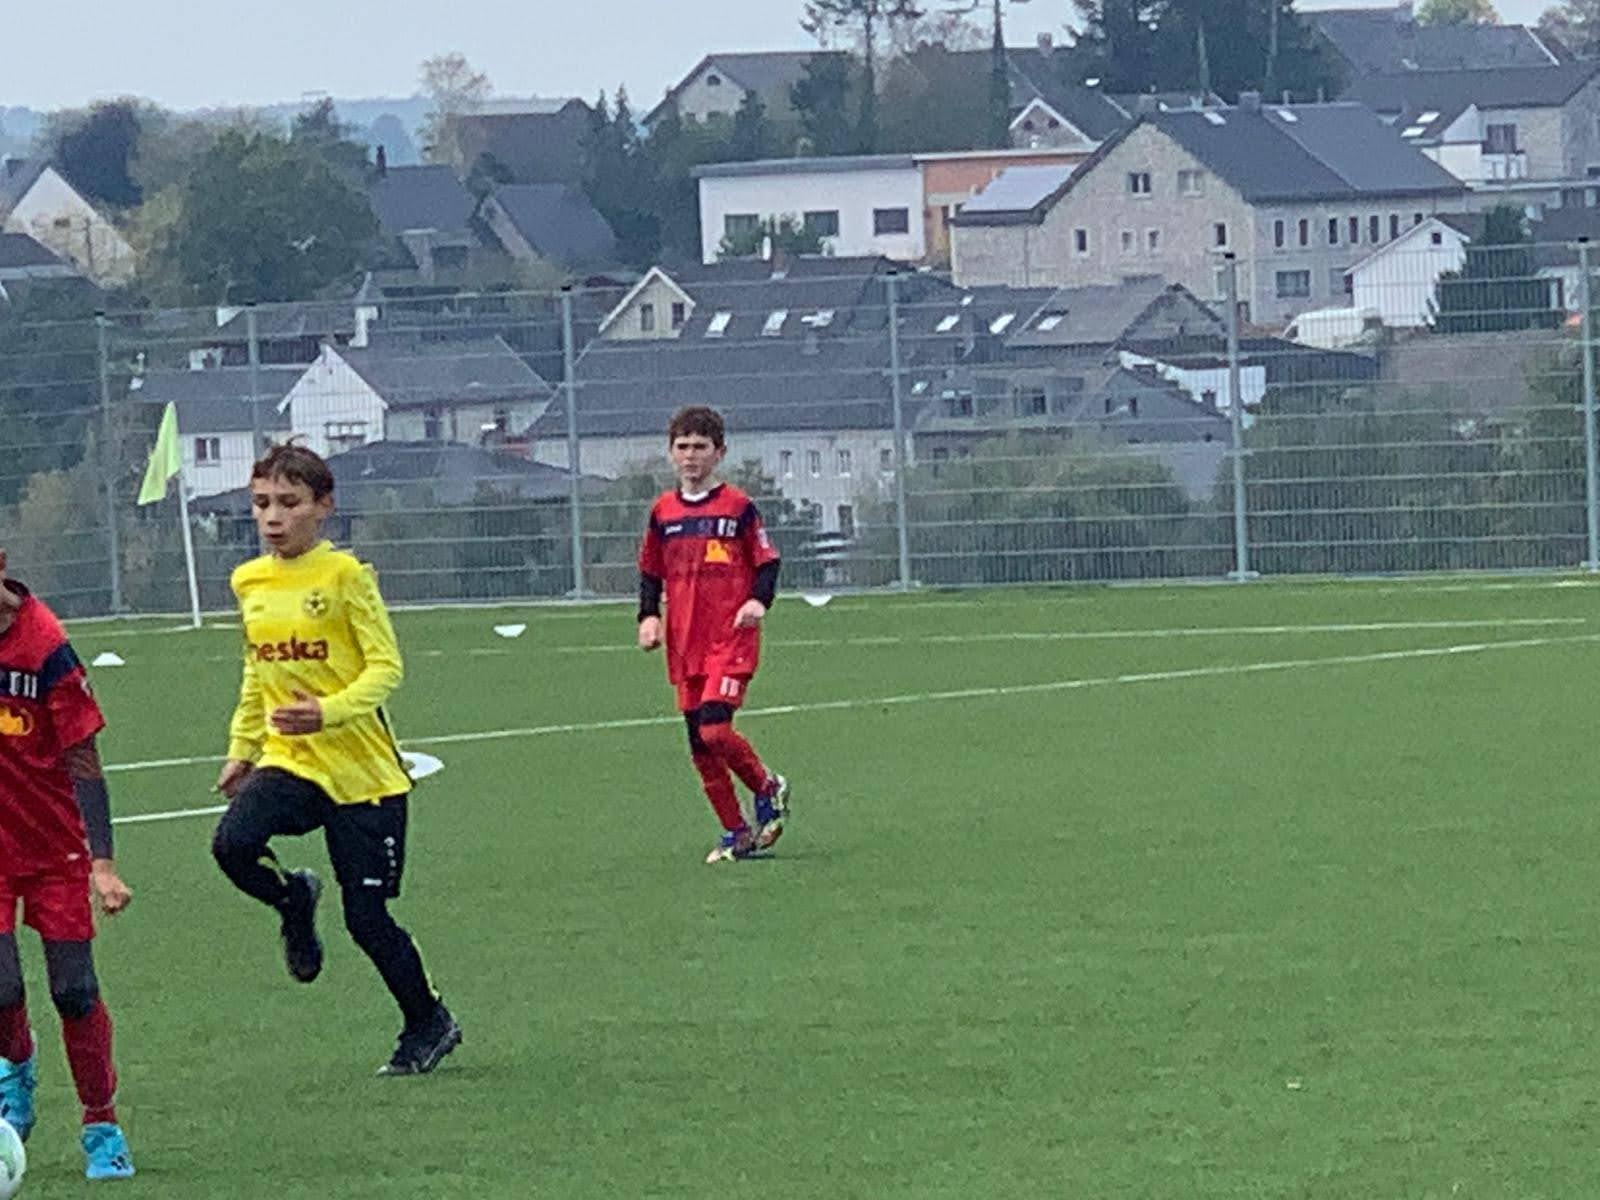 Emilian beim Fußball